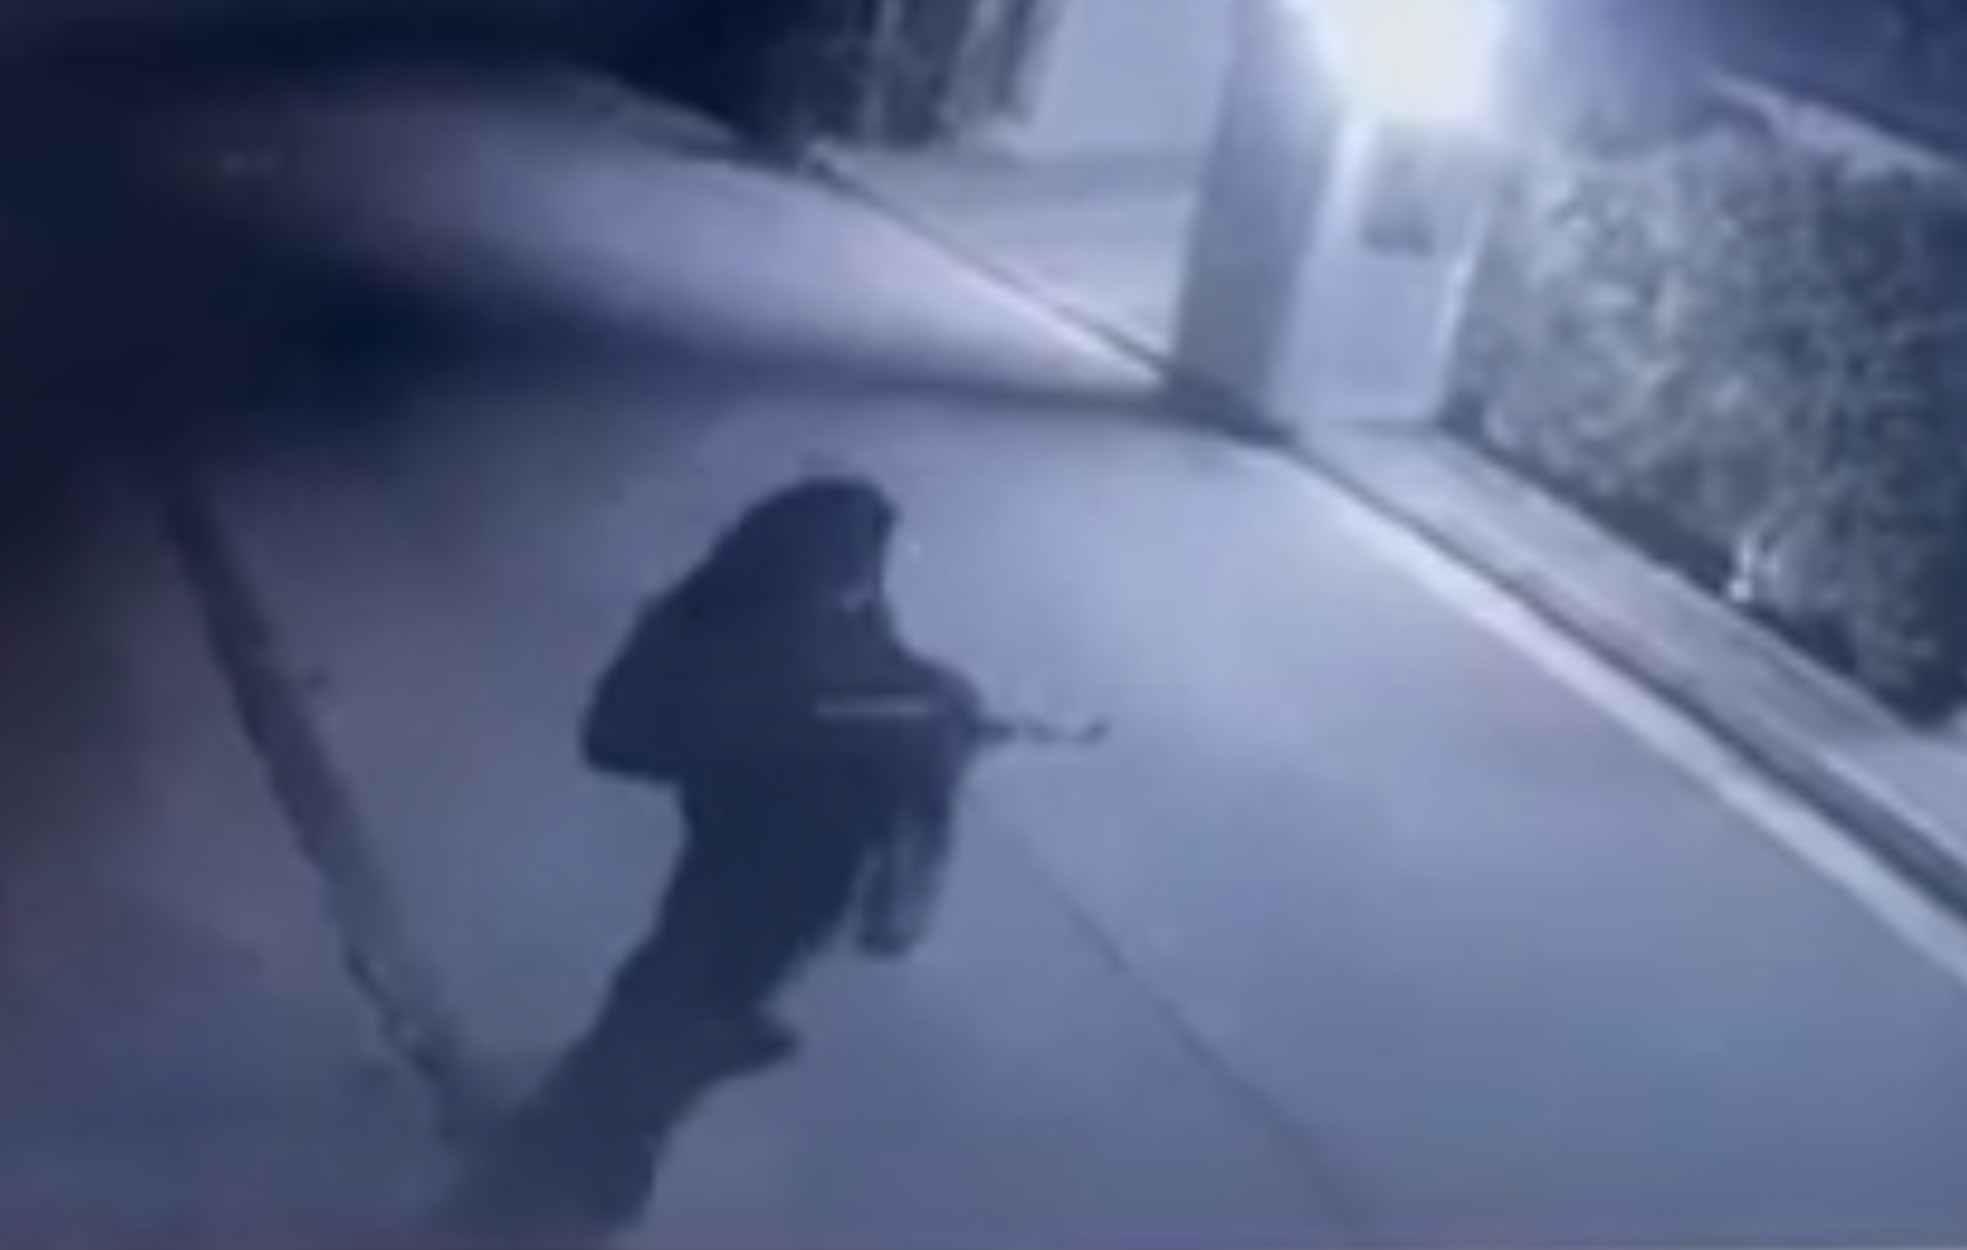 Μένιος Φουρθιώτης: Η στιγμή που άγνωστος πυροβολεί το σπίτι του (video)